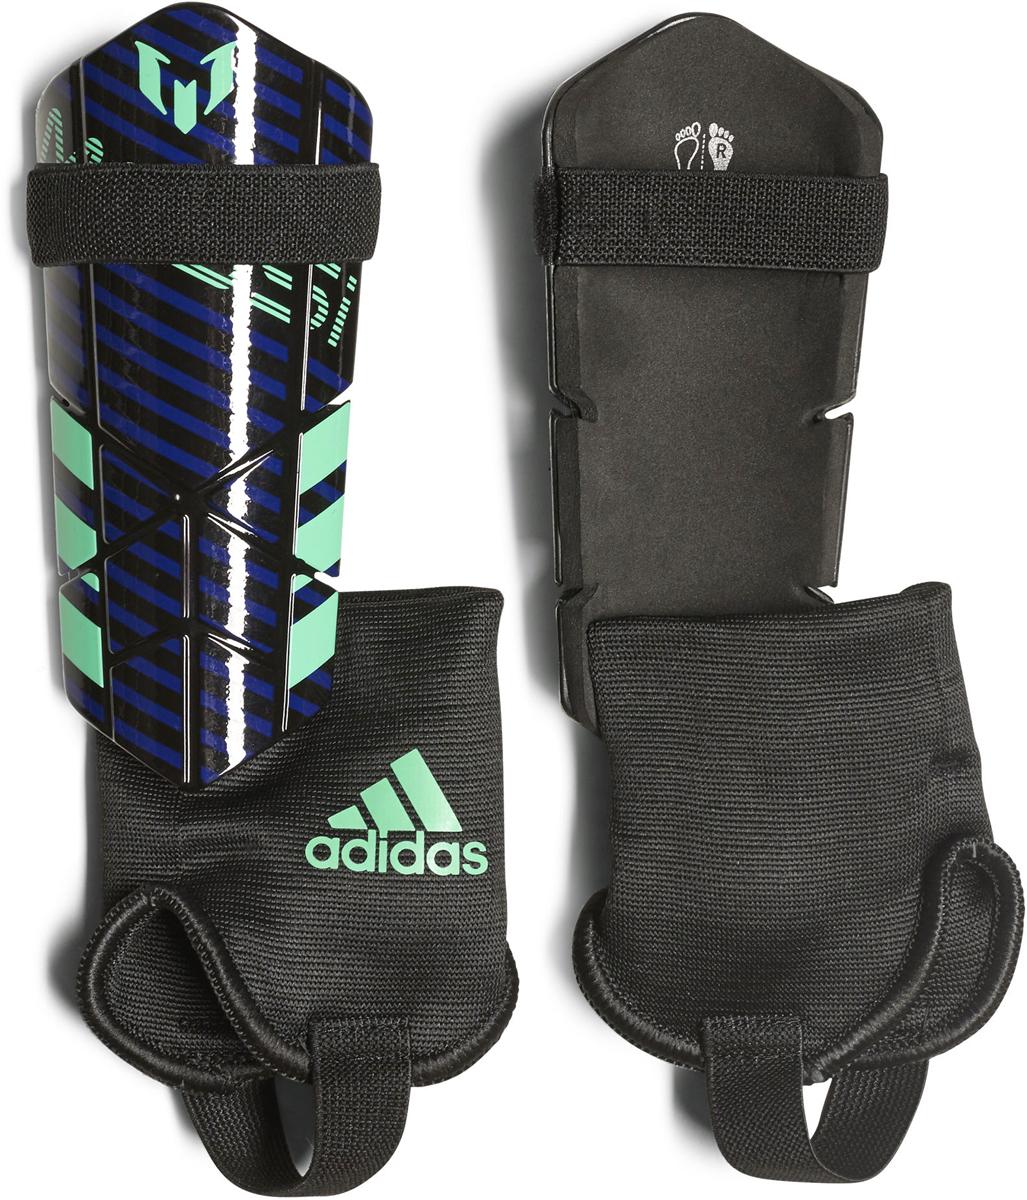 Щитки футбольные Adidas  Messi 10 Youth , цвет: синий, черный. Размер S - Командные виды спорта